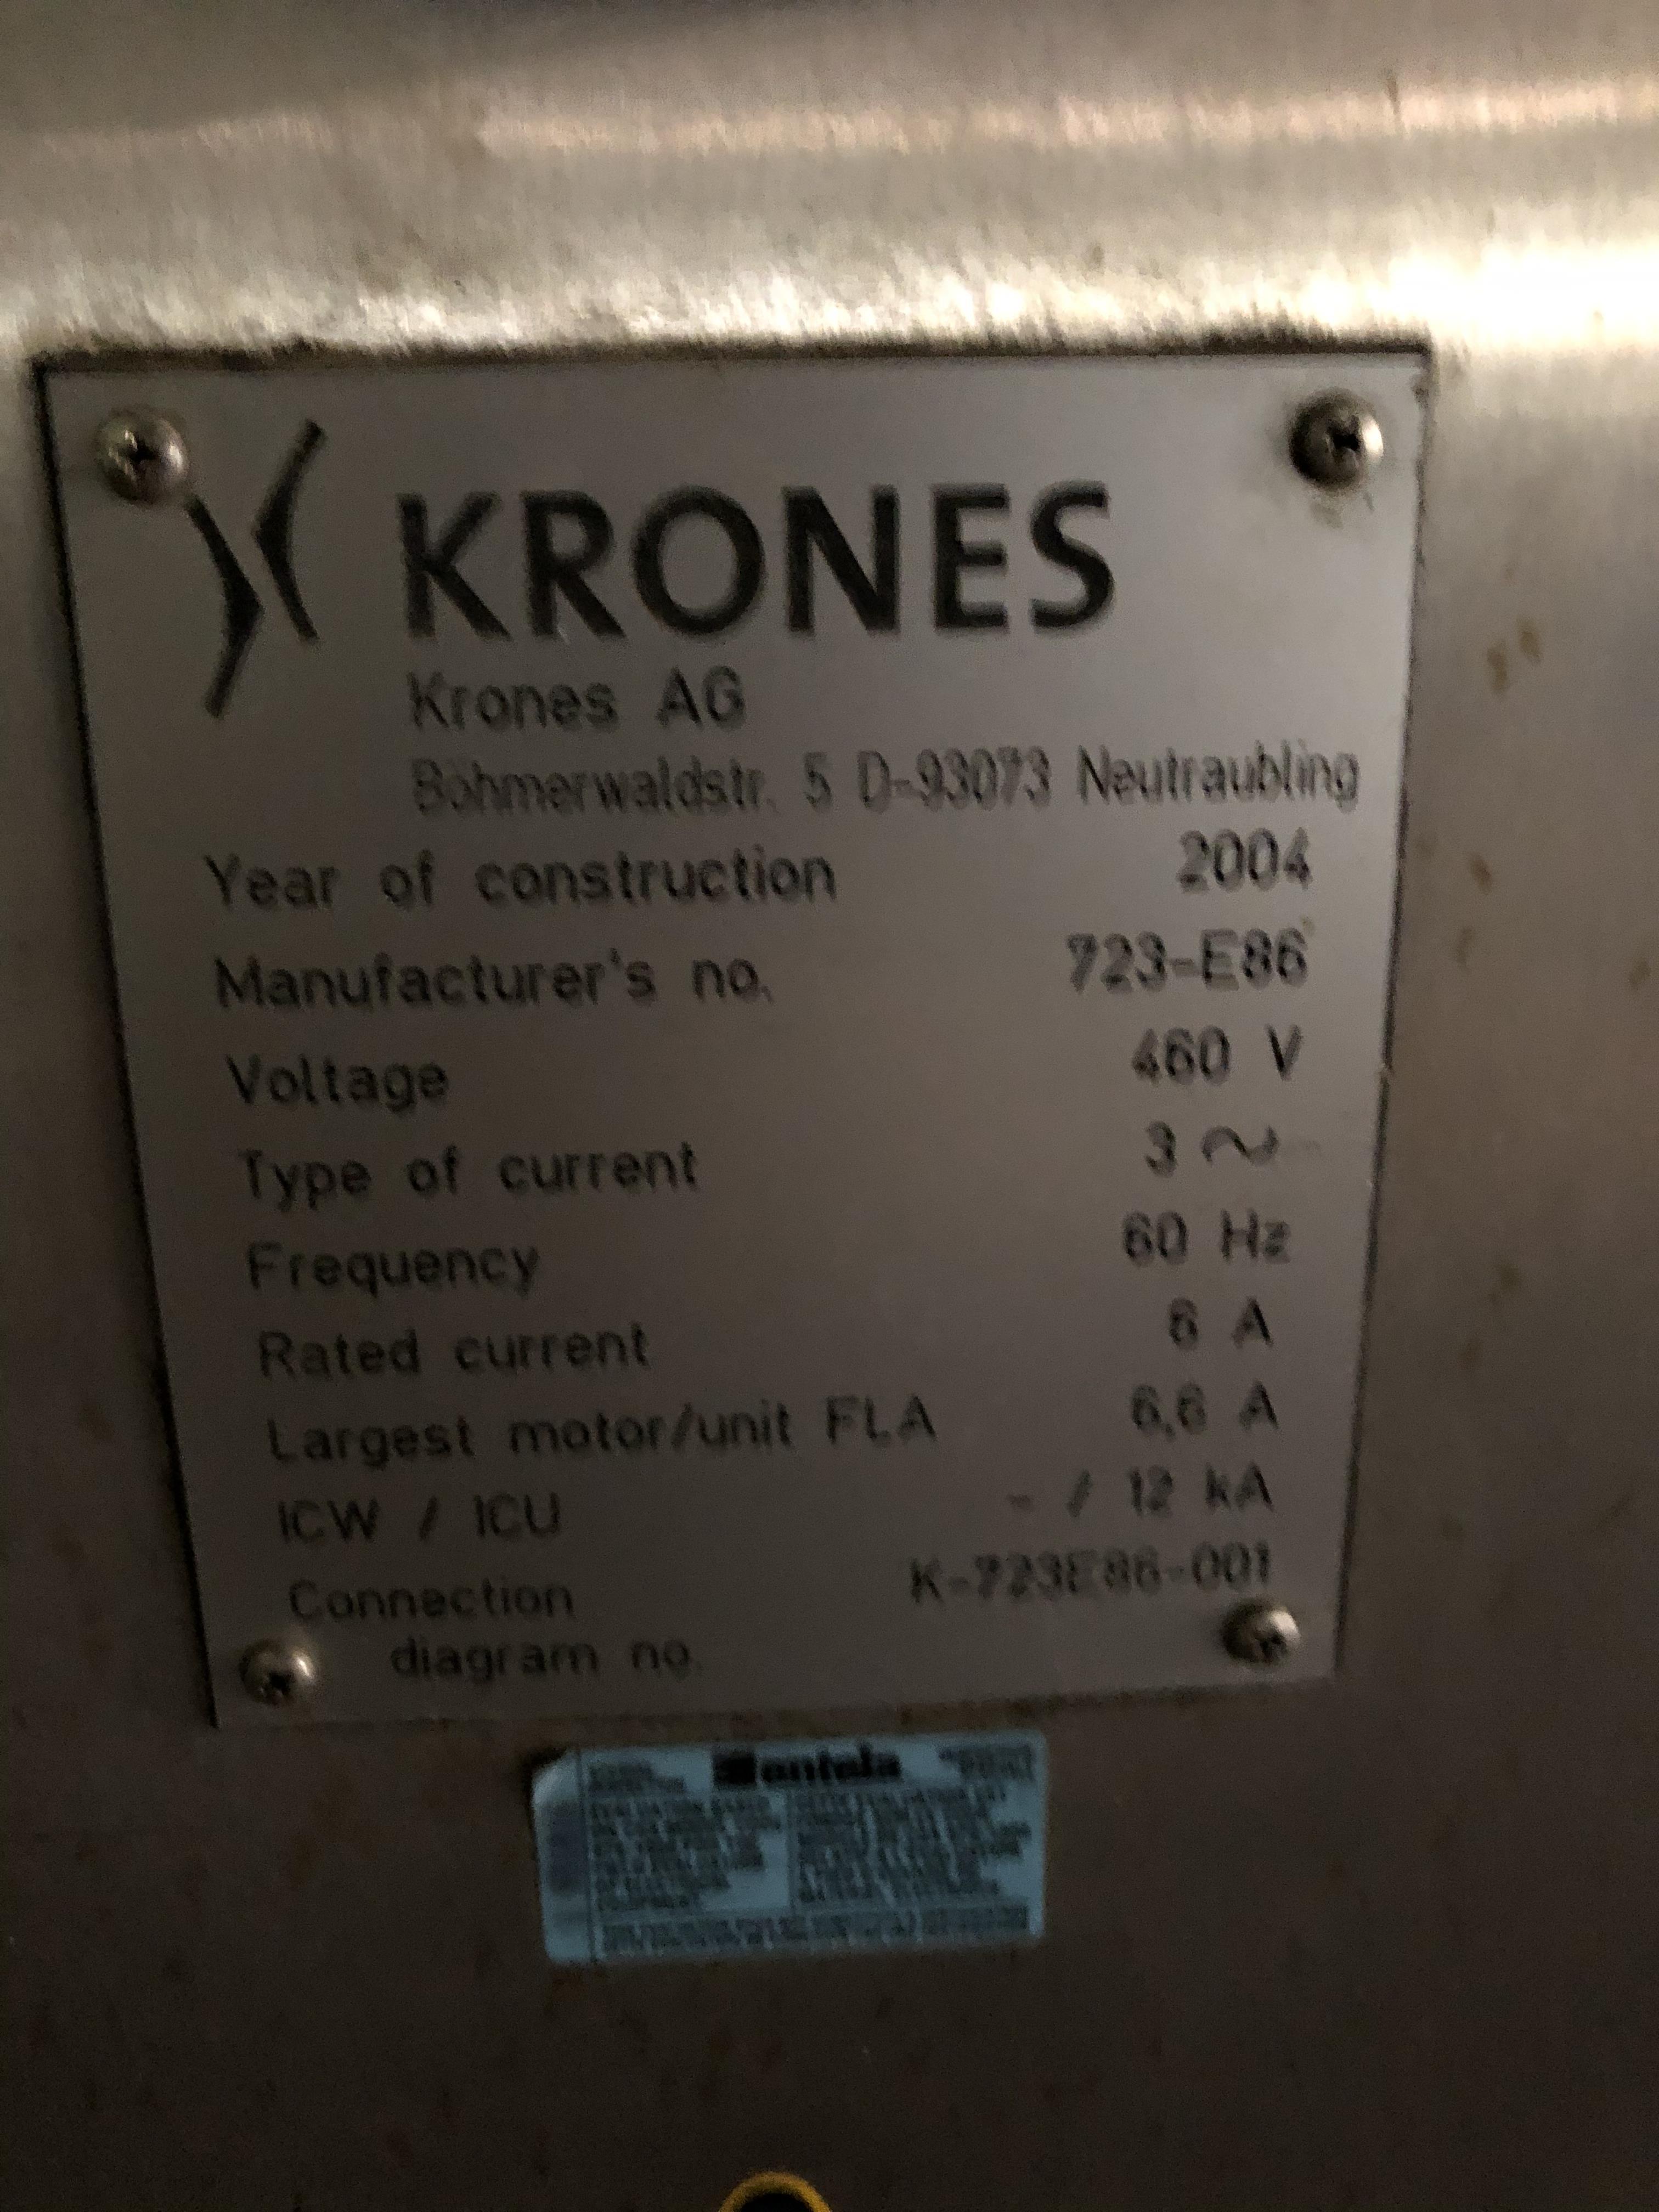 Krones Universella Labeler, Machine #723-E86, RIGGING FEE - $1750 - Image 2 of 6